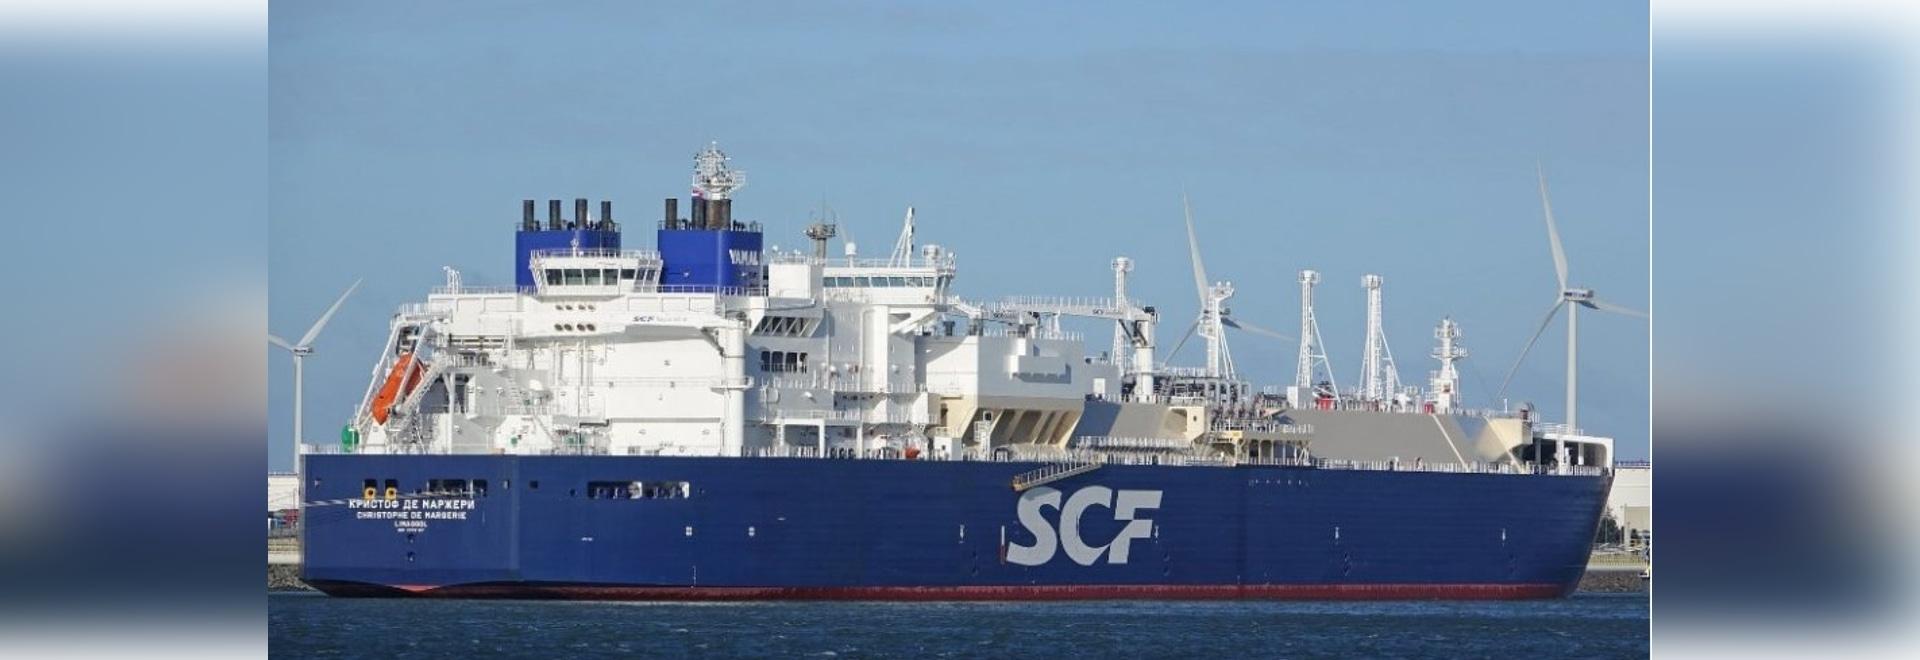 Wärtsilä to Upgrade Navigation Systems on Sovcomflot Tankers